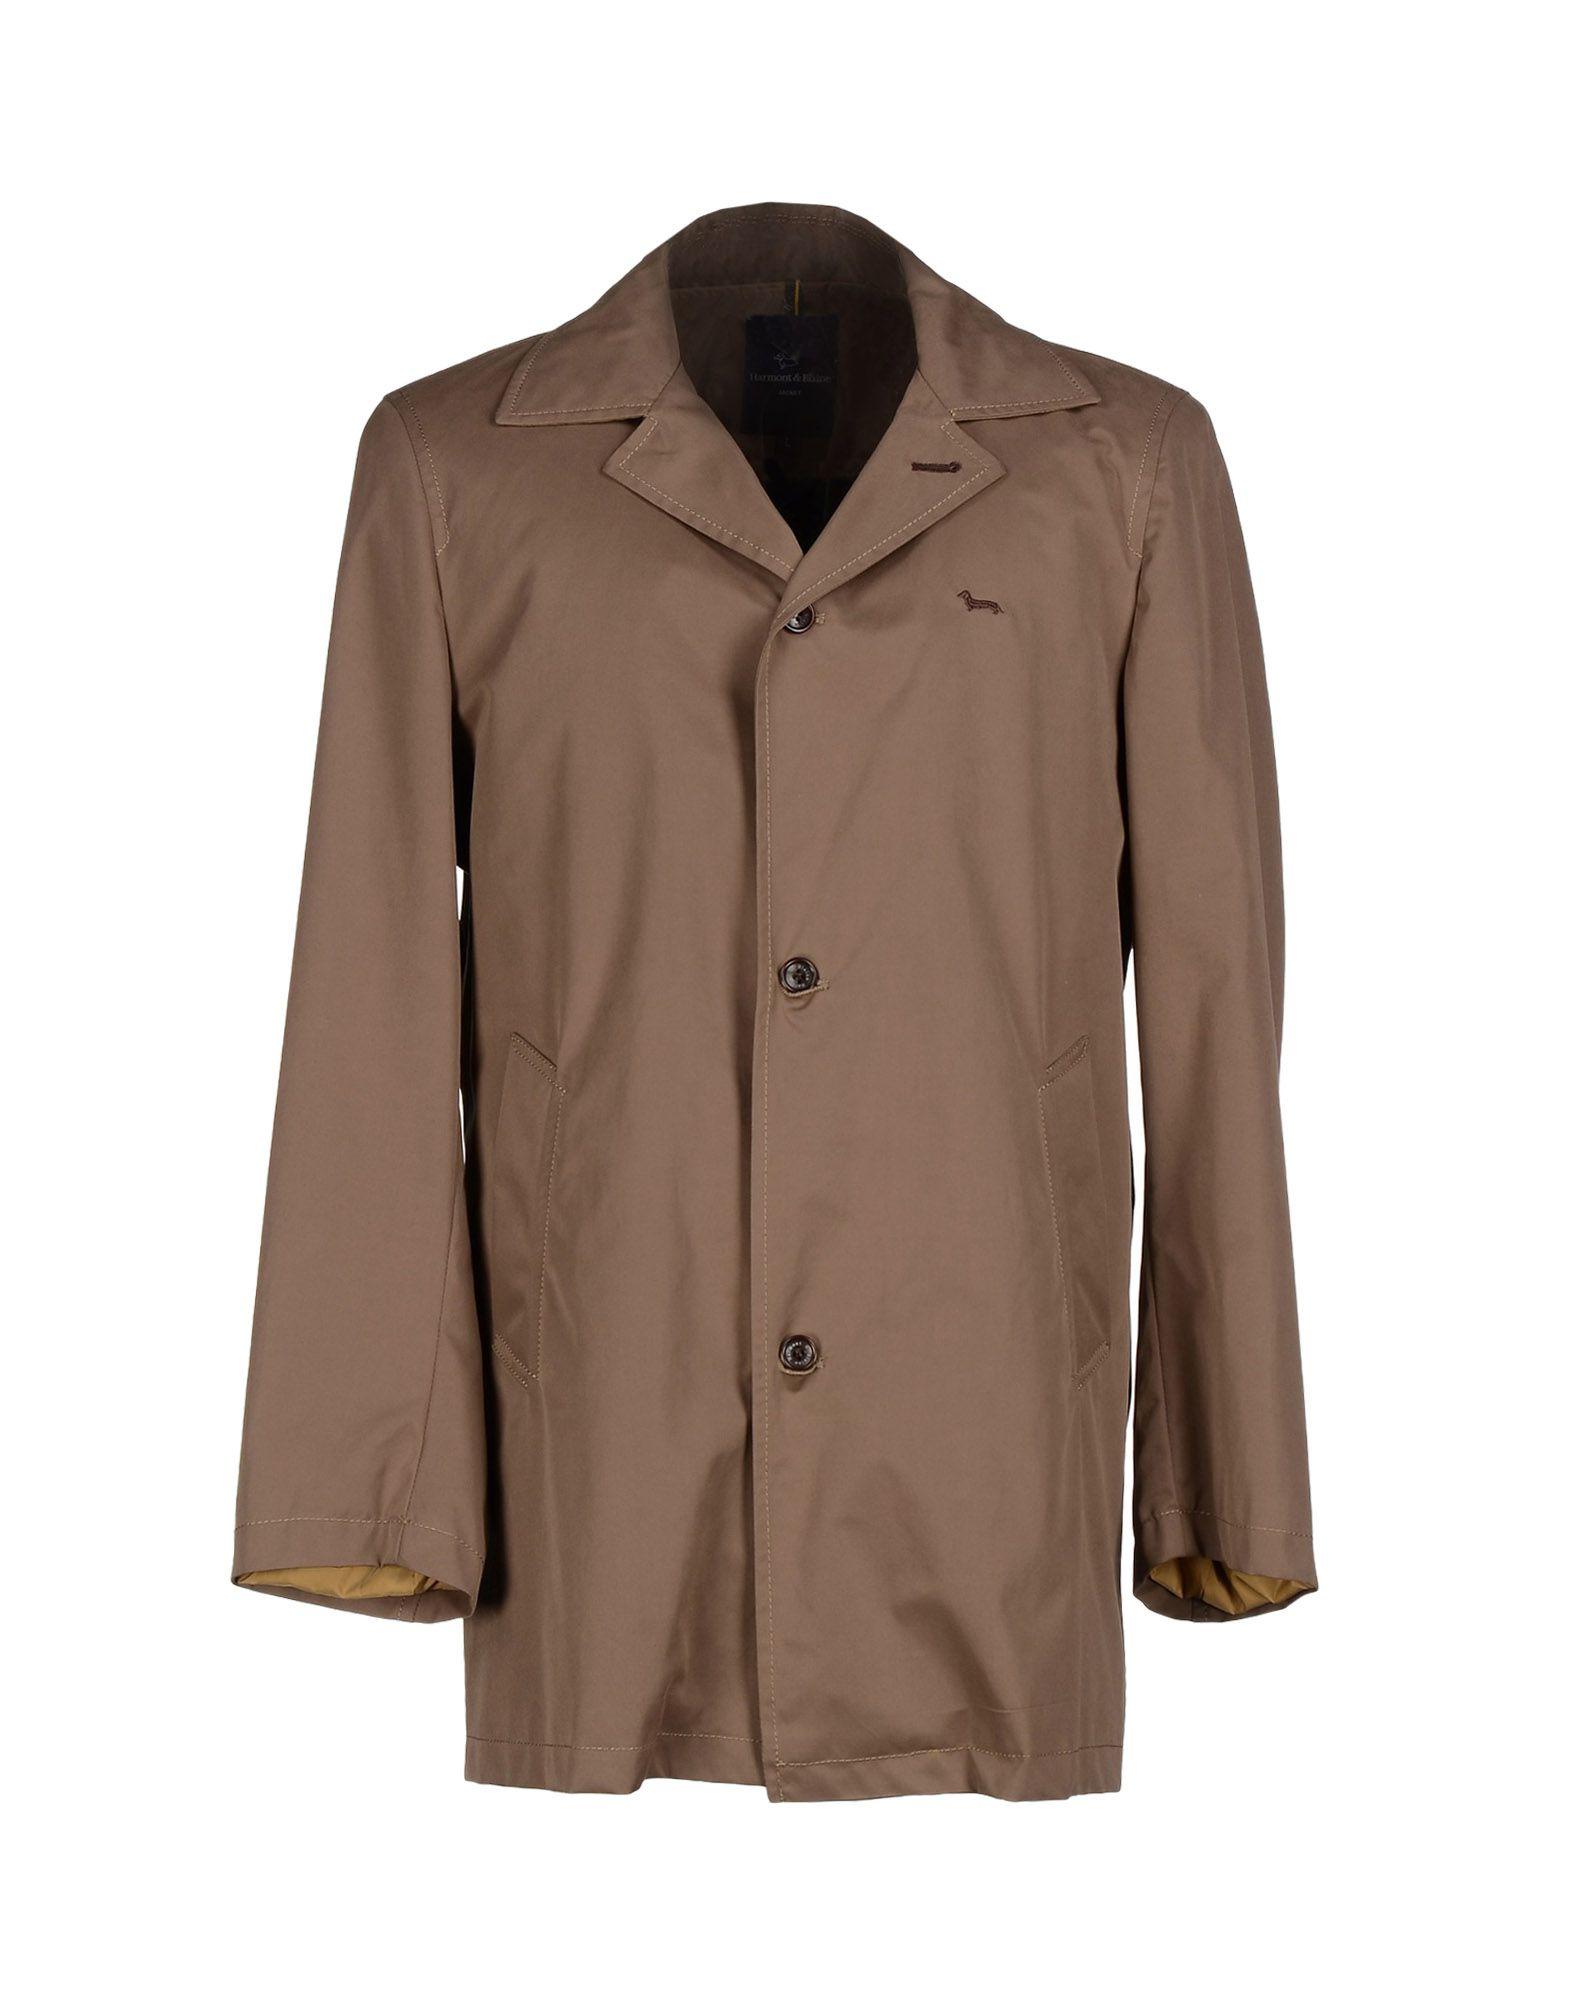 harmont and blaine jacket - photo #12